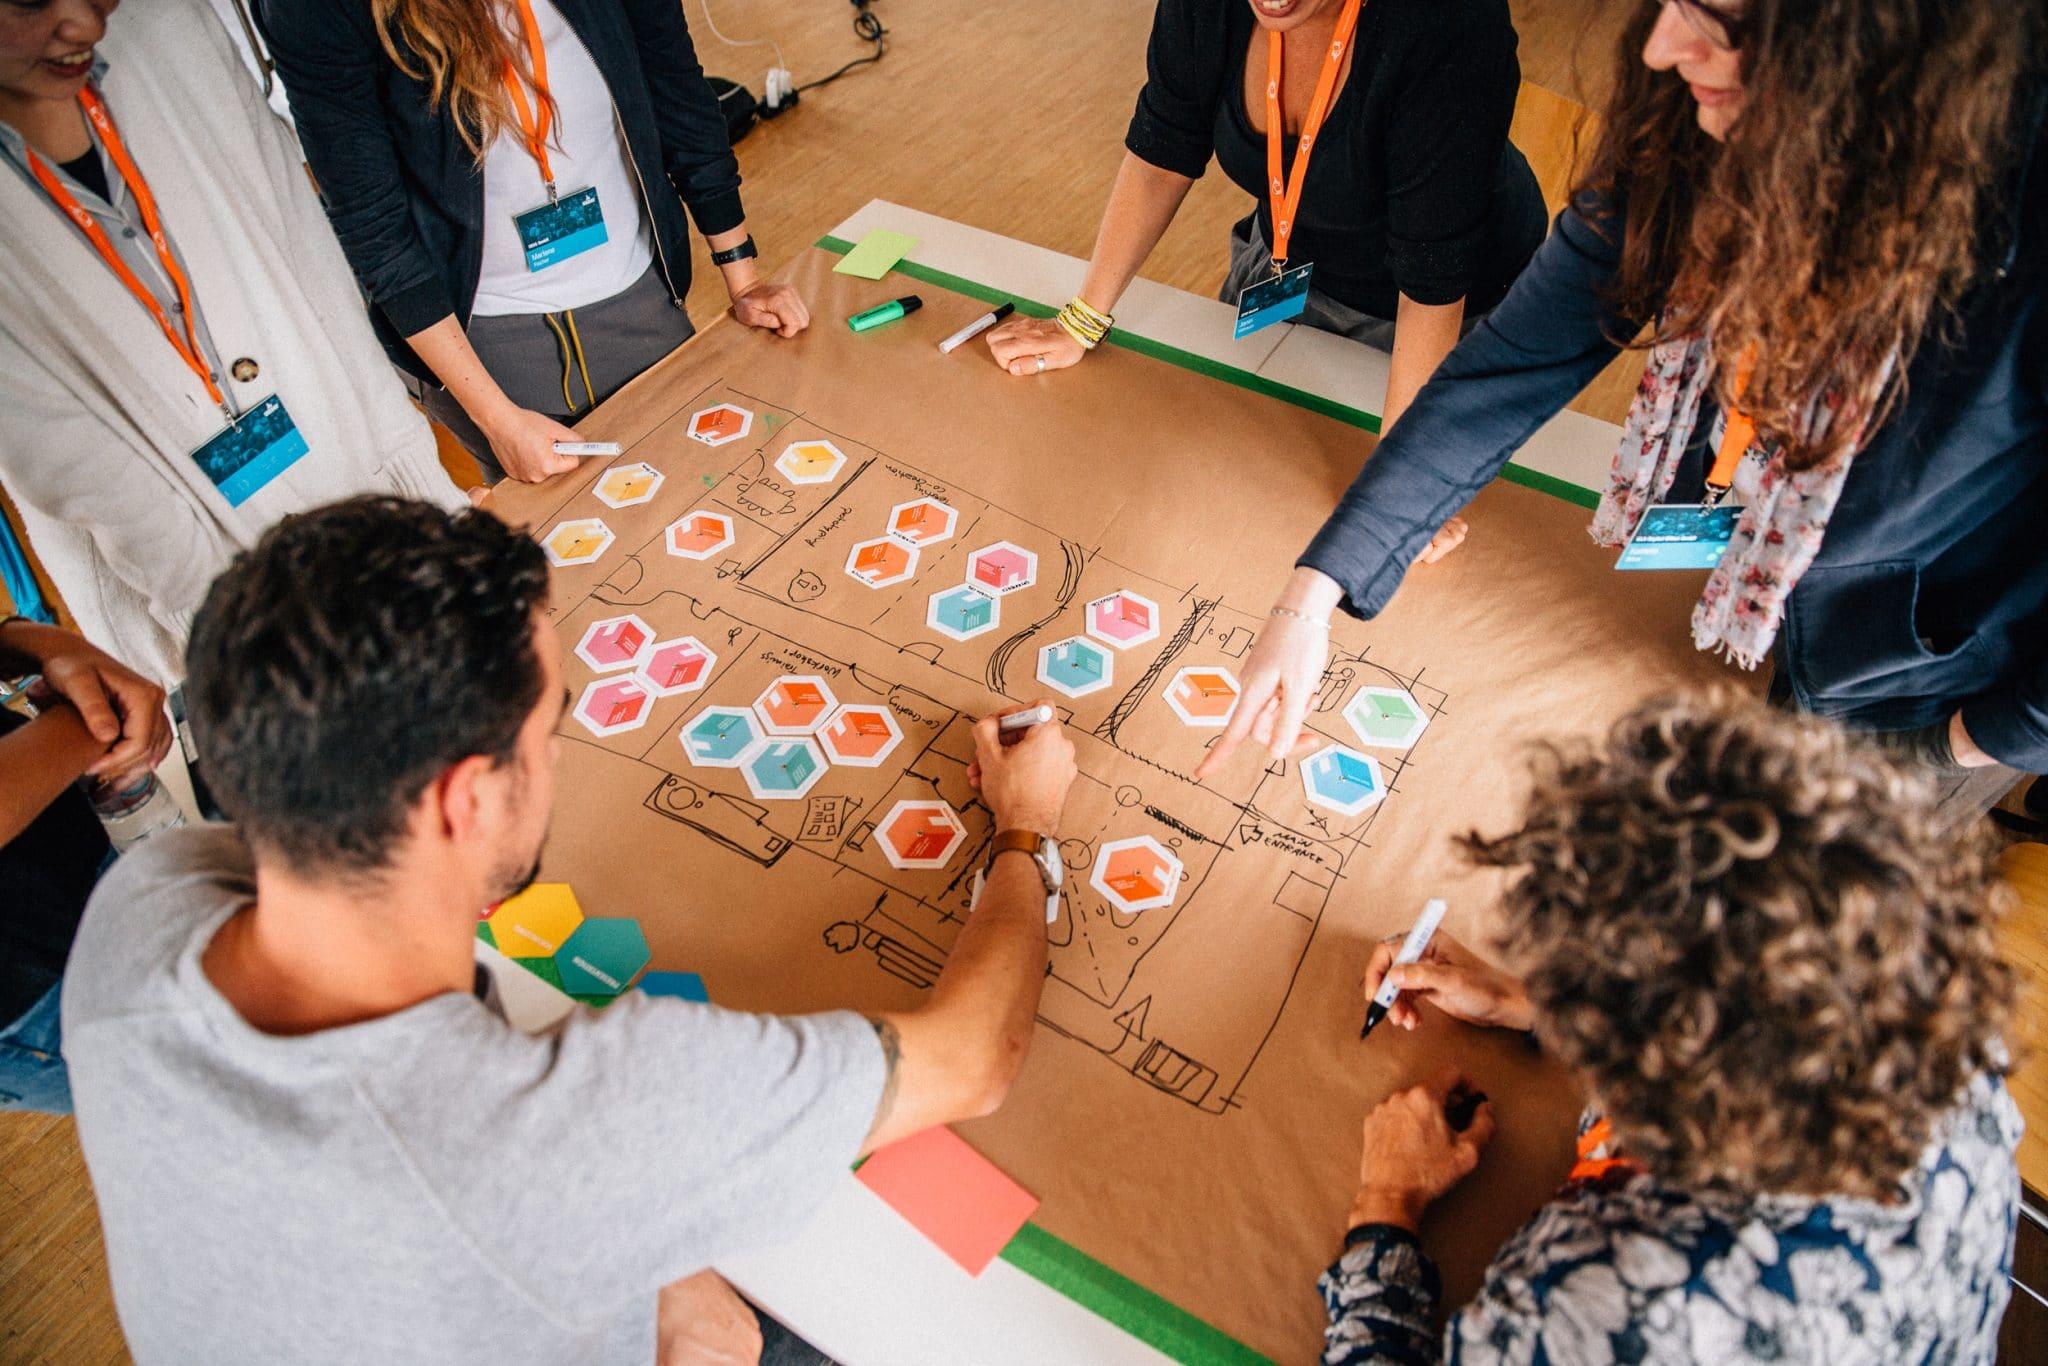 UX-DAY 2018 Workshop